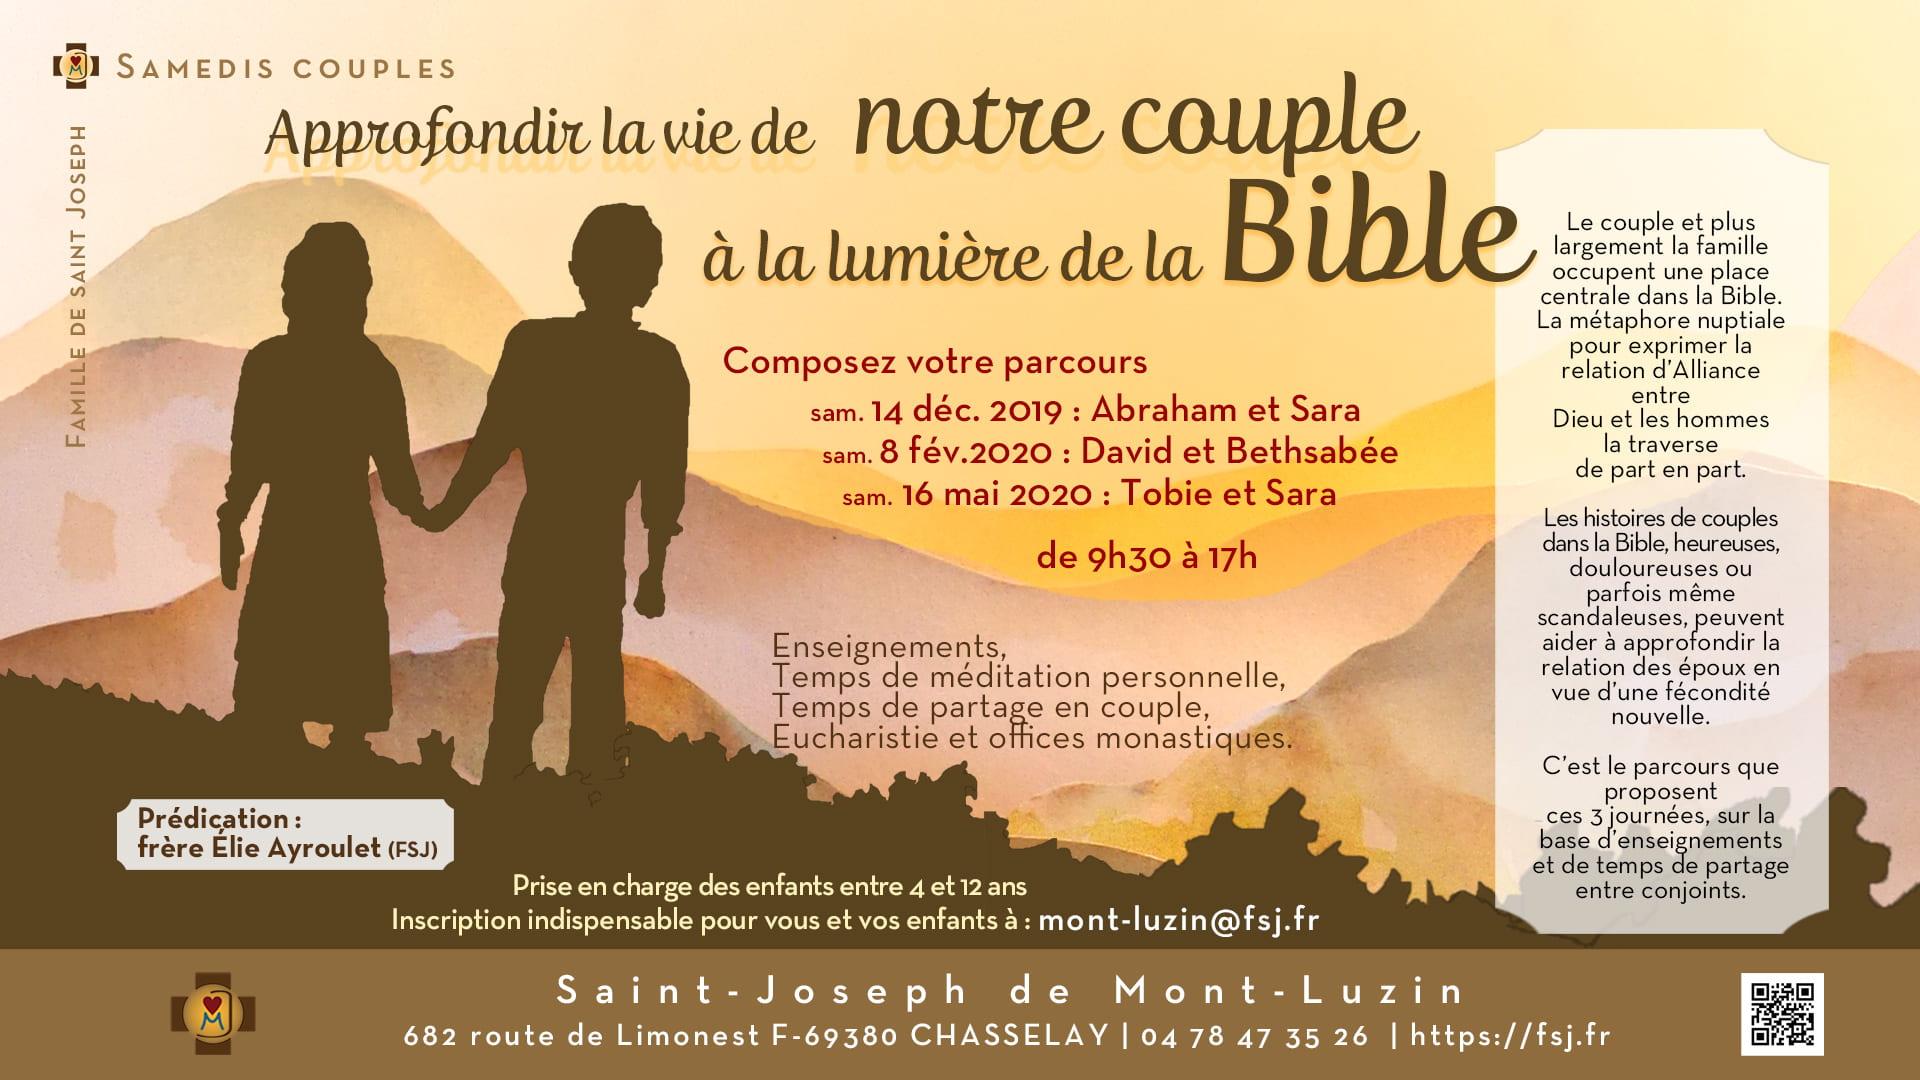 Samedis couples avec la Famille de saint Joseph les 14 décembre, 8 février 2019 & 16 mai 2010 à Chasselay (69)